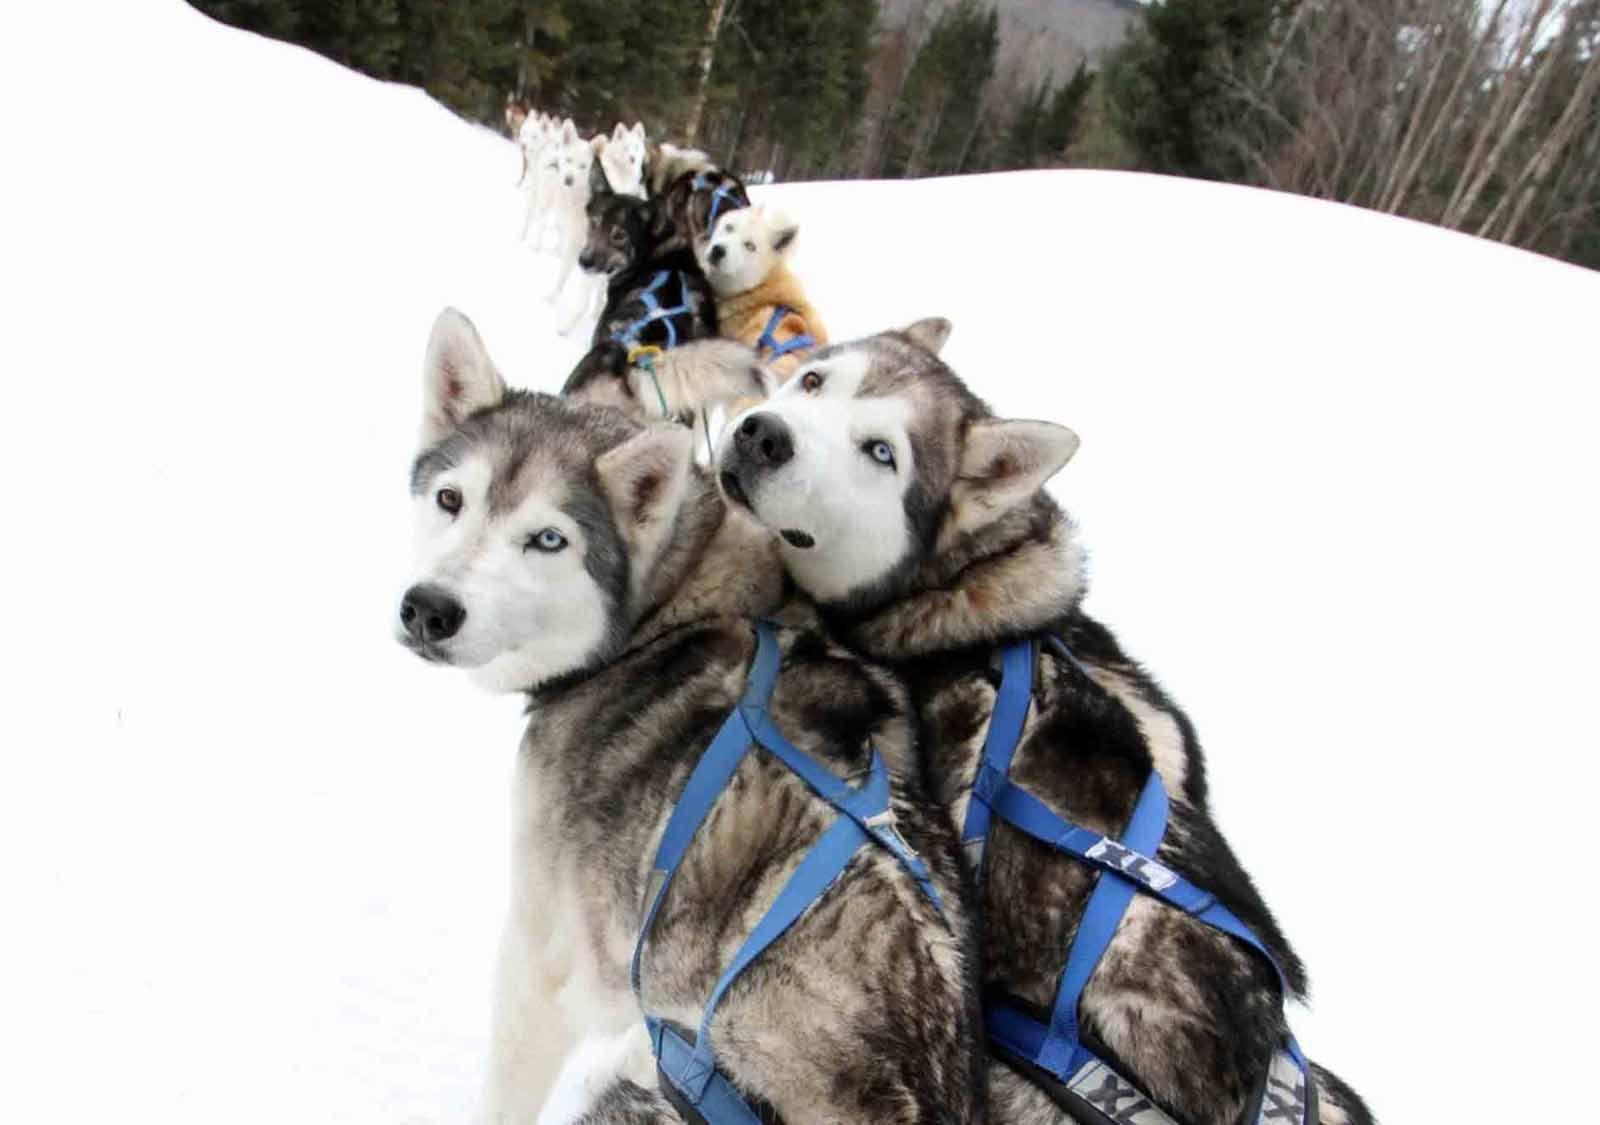 Muddy Paw Dog Sledding (With images) Dogs, Dog sledding